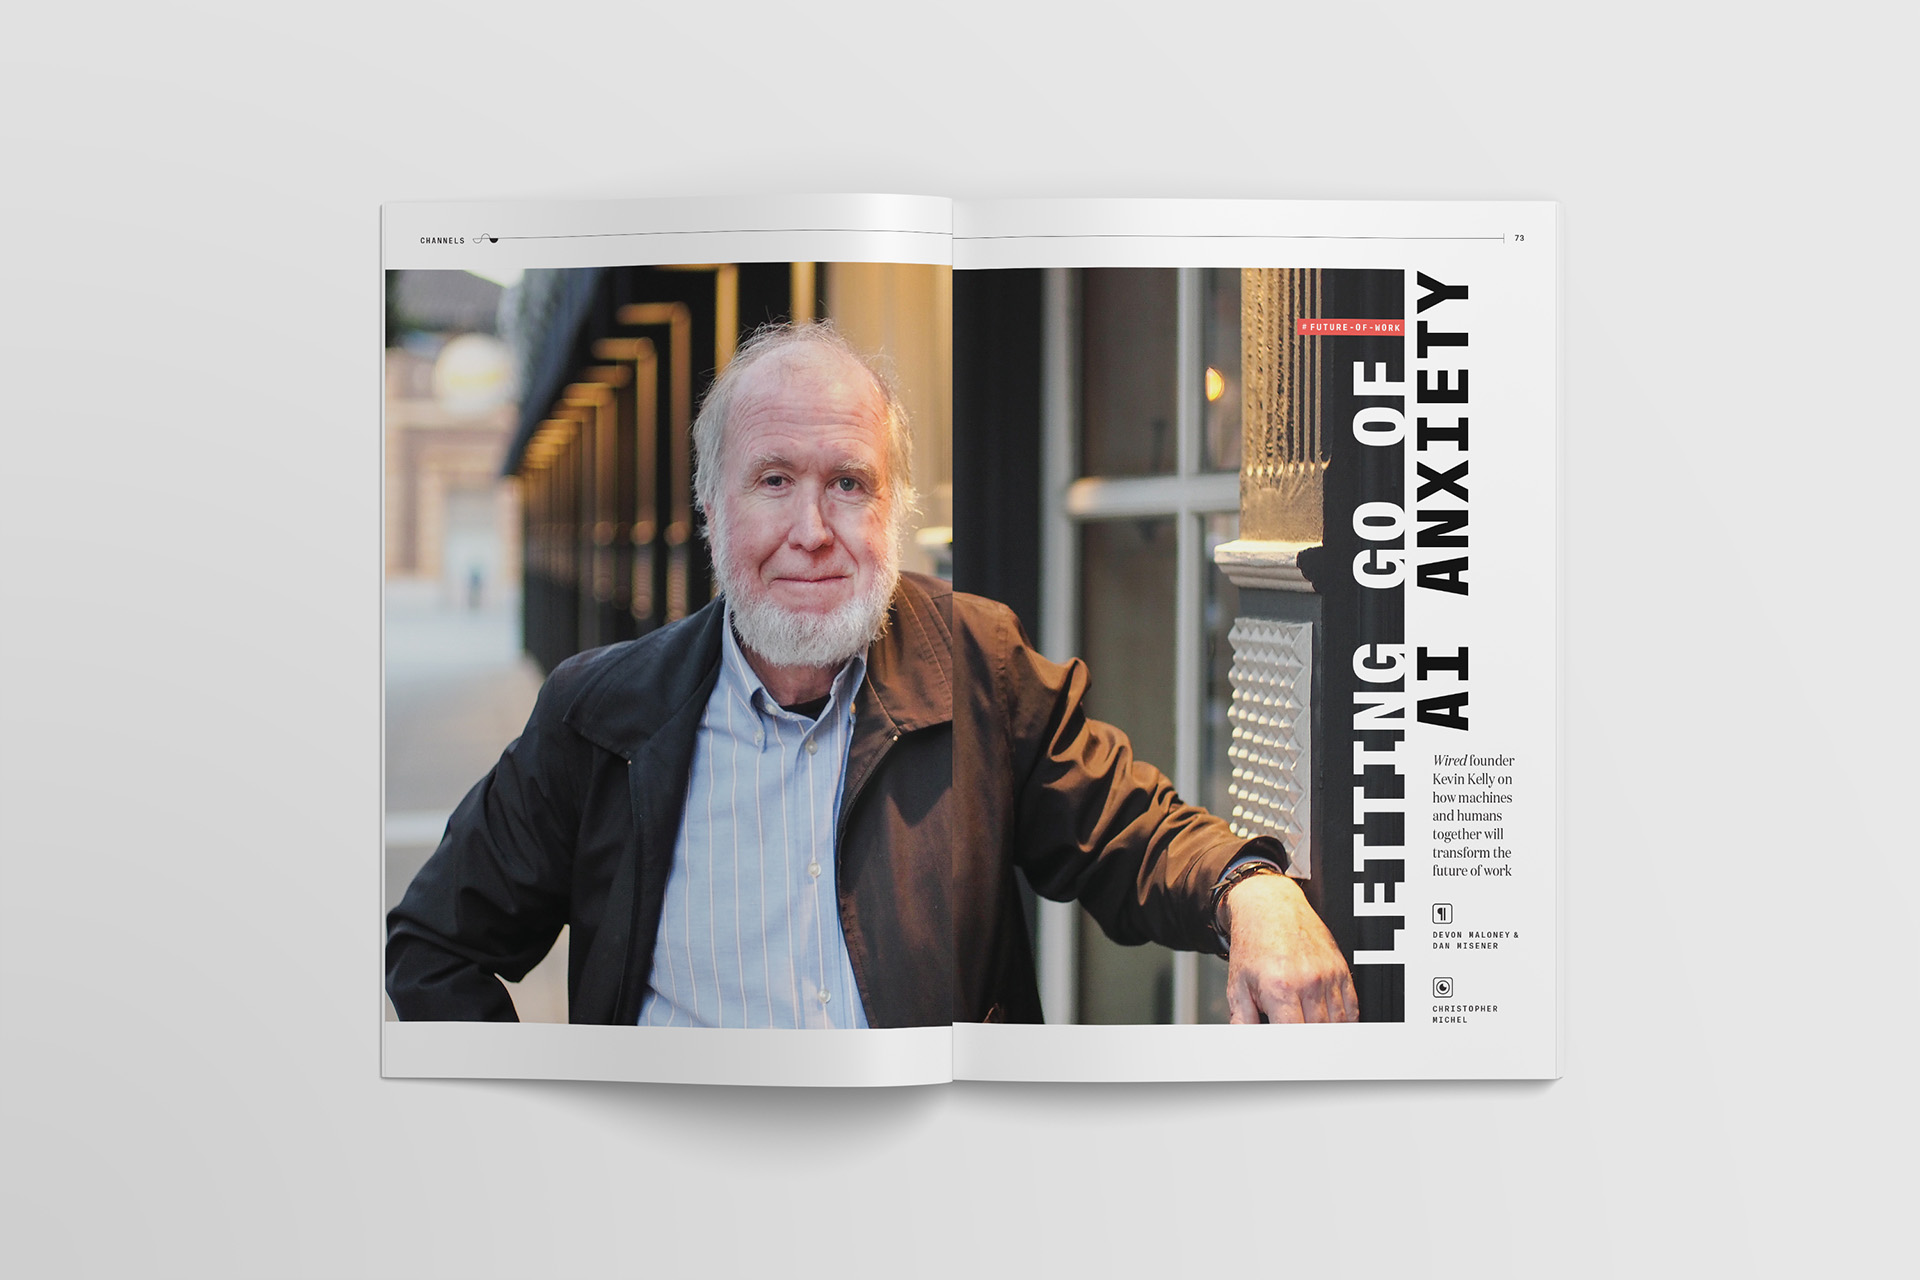 Kevin Kelly for Slack Channels magazine